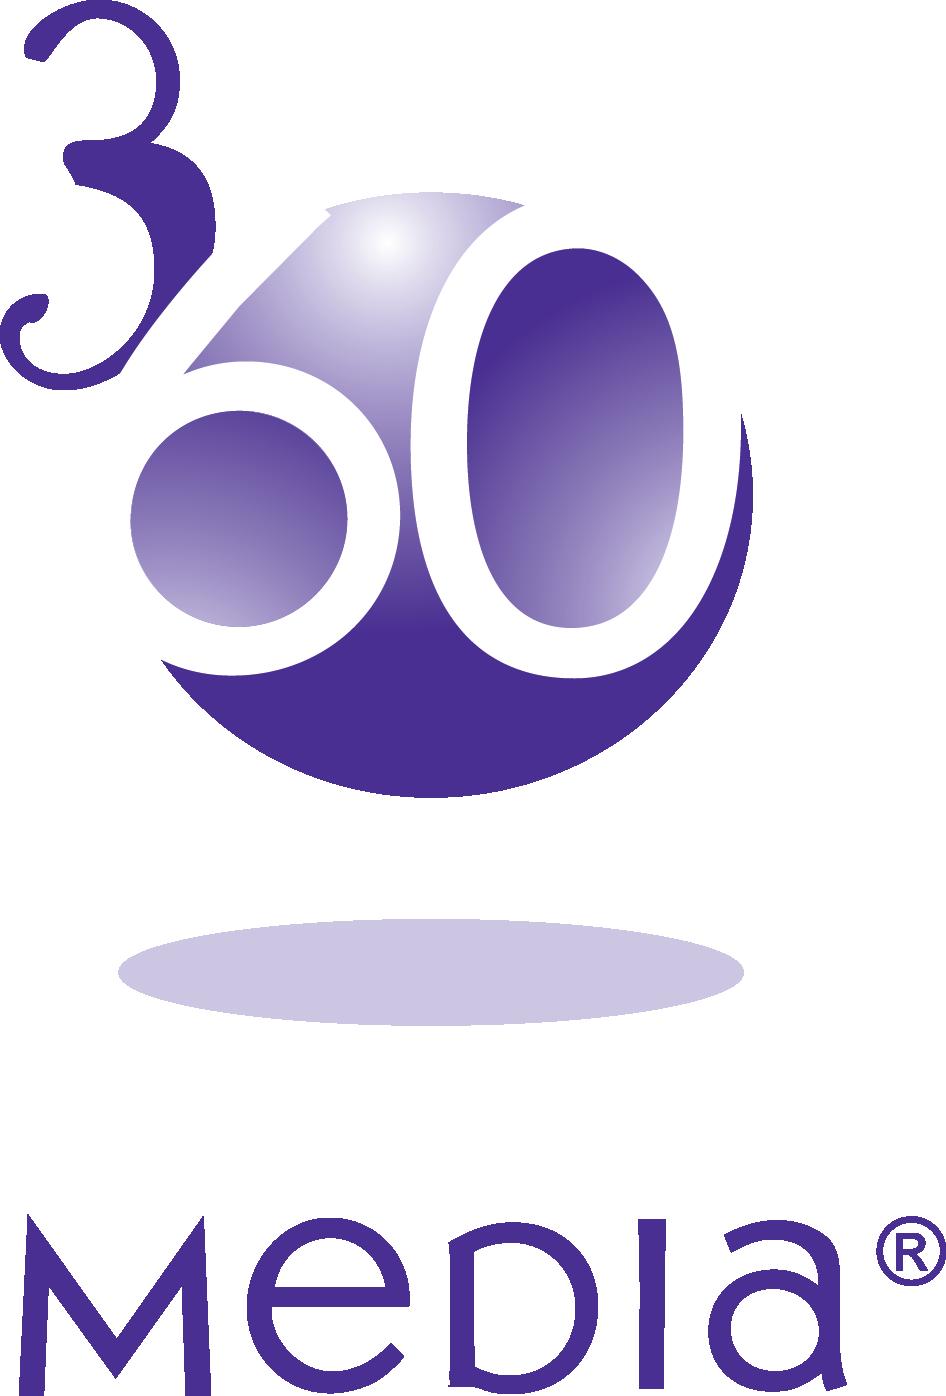 360media-Logo-PMS-267_PANTONE.png